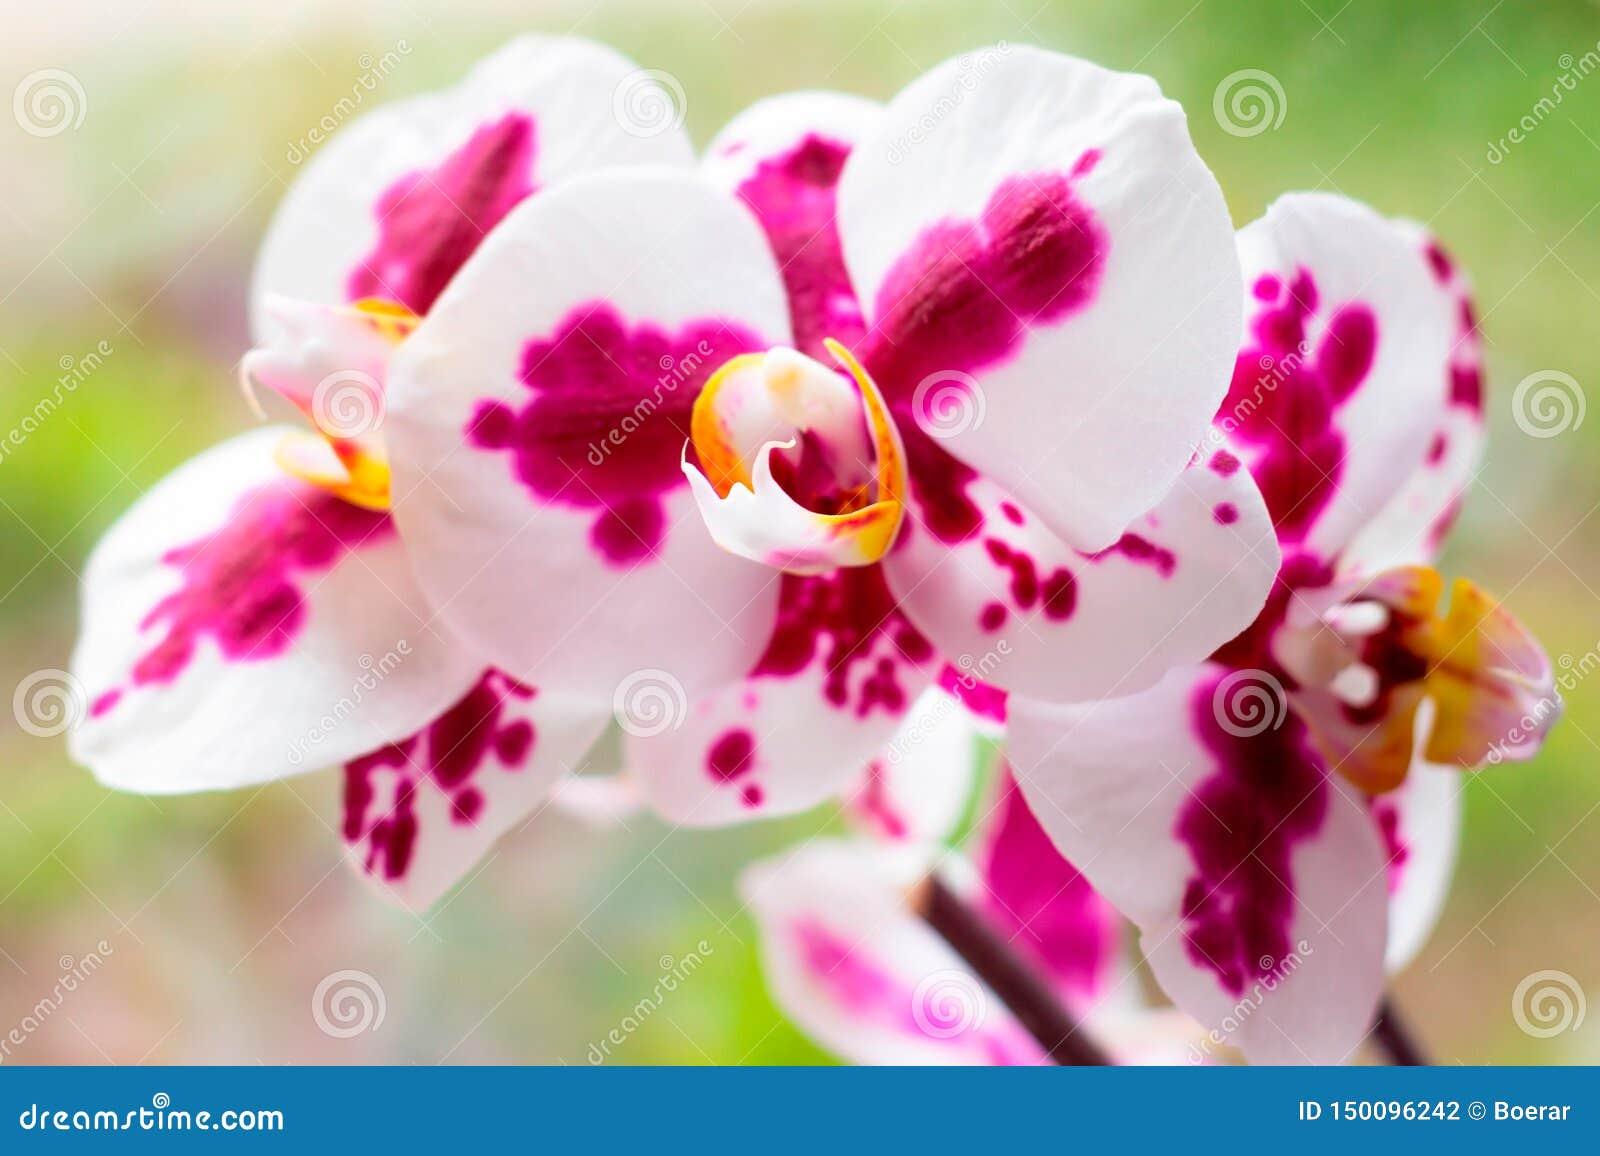 Ο όμορφος τροπικός εξωτικός κλάδος με τη ρόδινη και ροδανιλίνης ορχιδέα Phalaenopsis σκώρων ανθίζει την άνοιξη